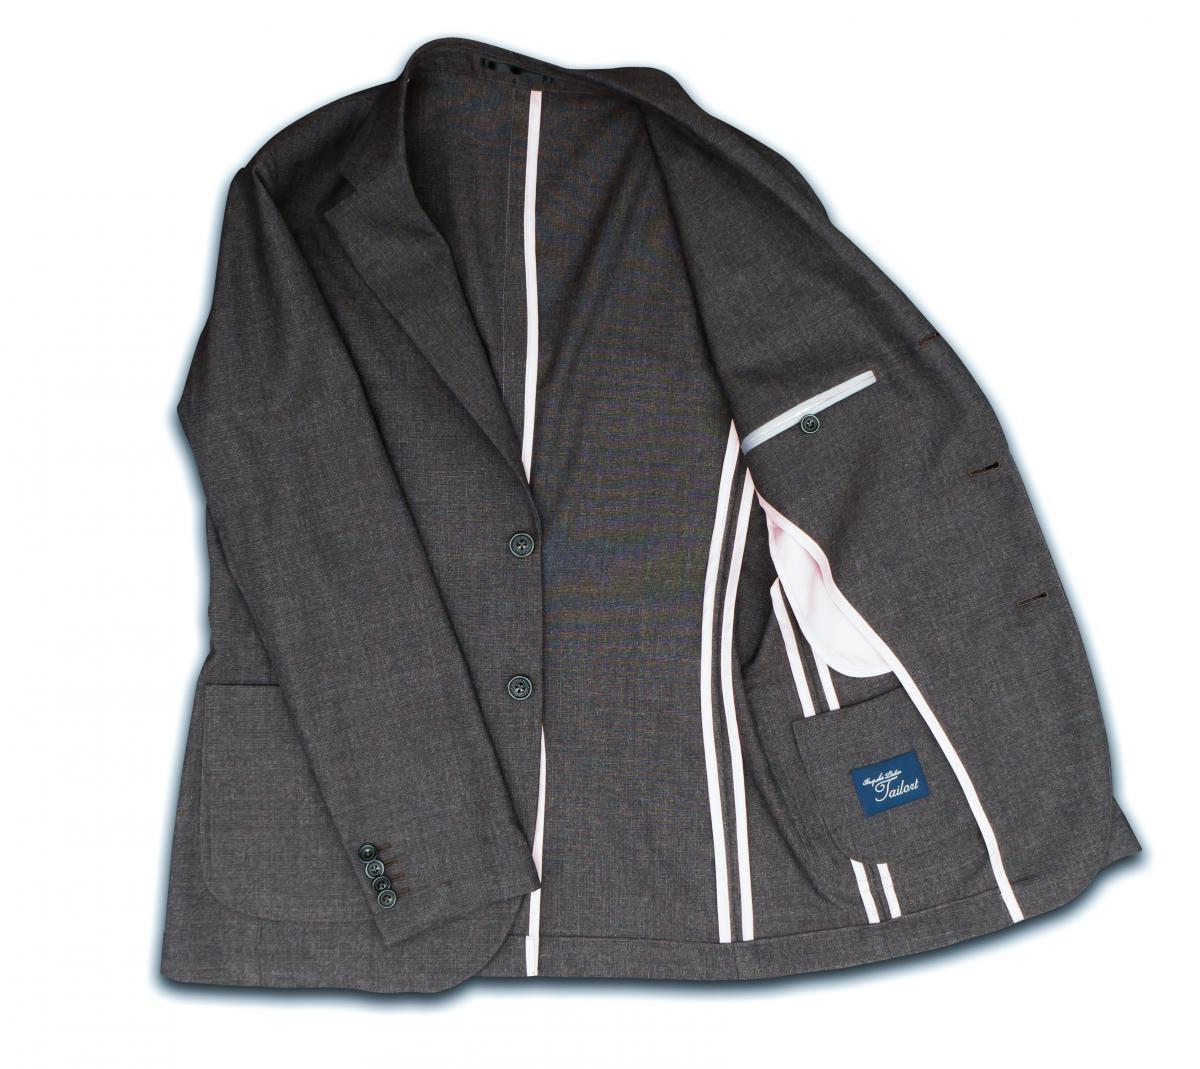 [オーダースーツ]暖かな風合いのブラウンレッド生地で、冬もお洒落に!